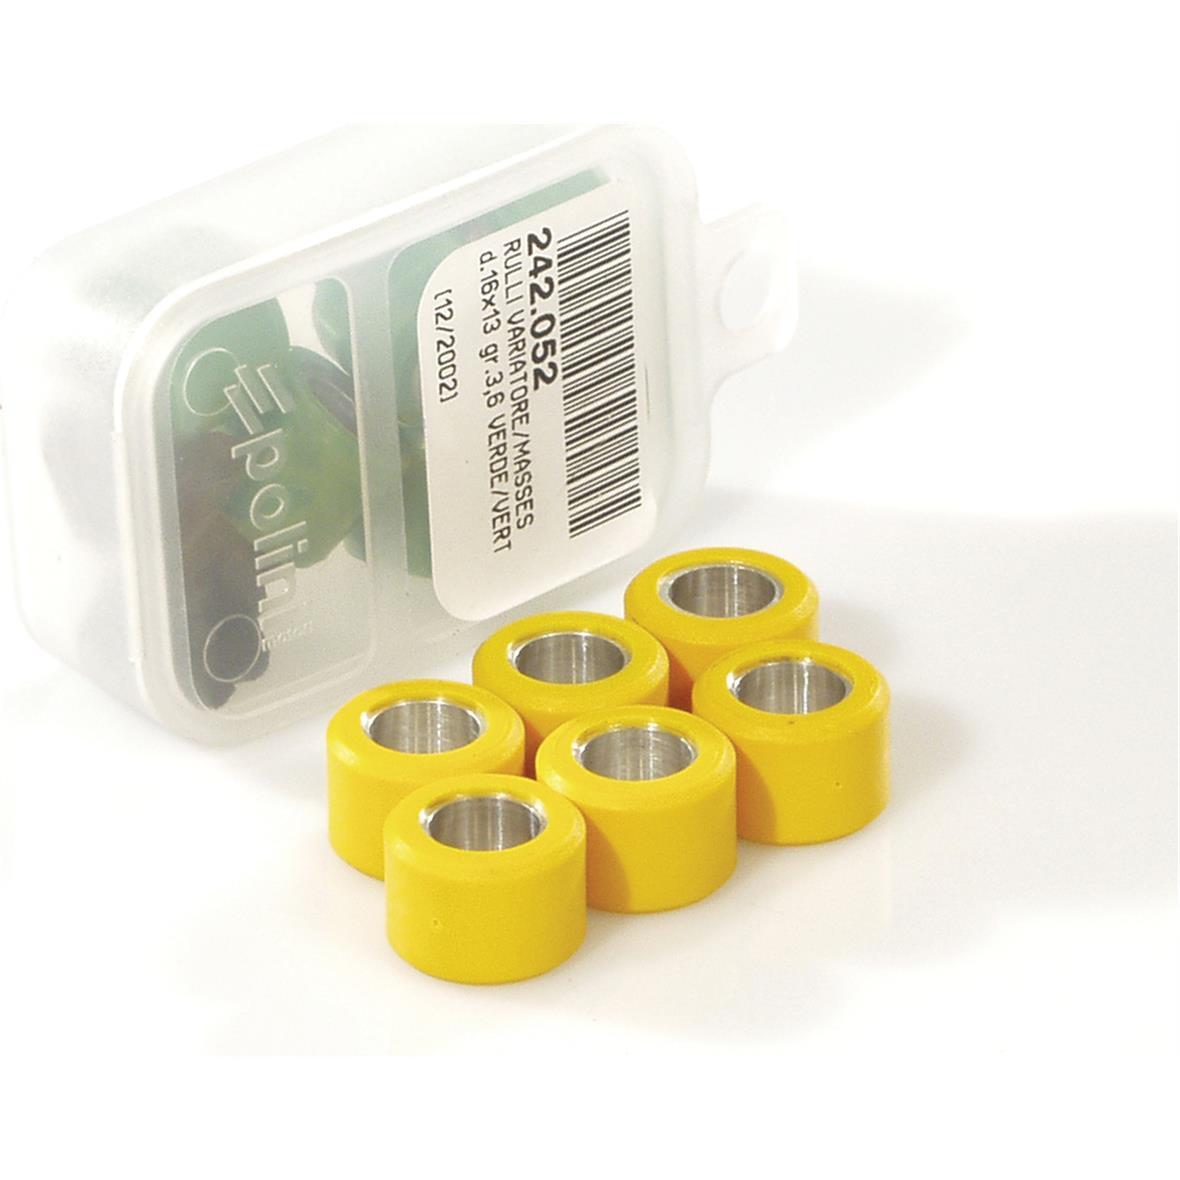 Produktbild für 'Variatorrollen POLINI 17x12 mm 6,9g'